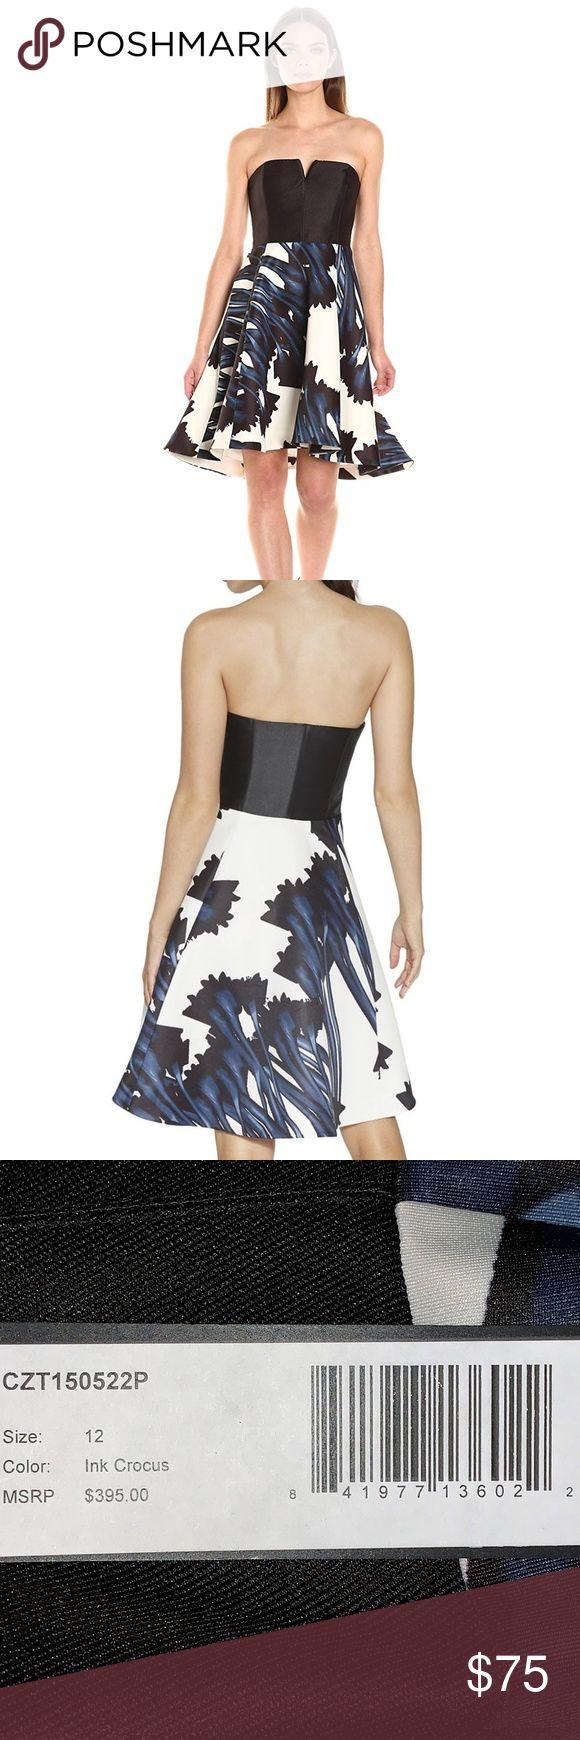 Halston  Trägerloses Bedrucktes Kleid Mit Gekerbtem